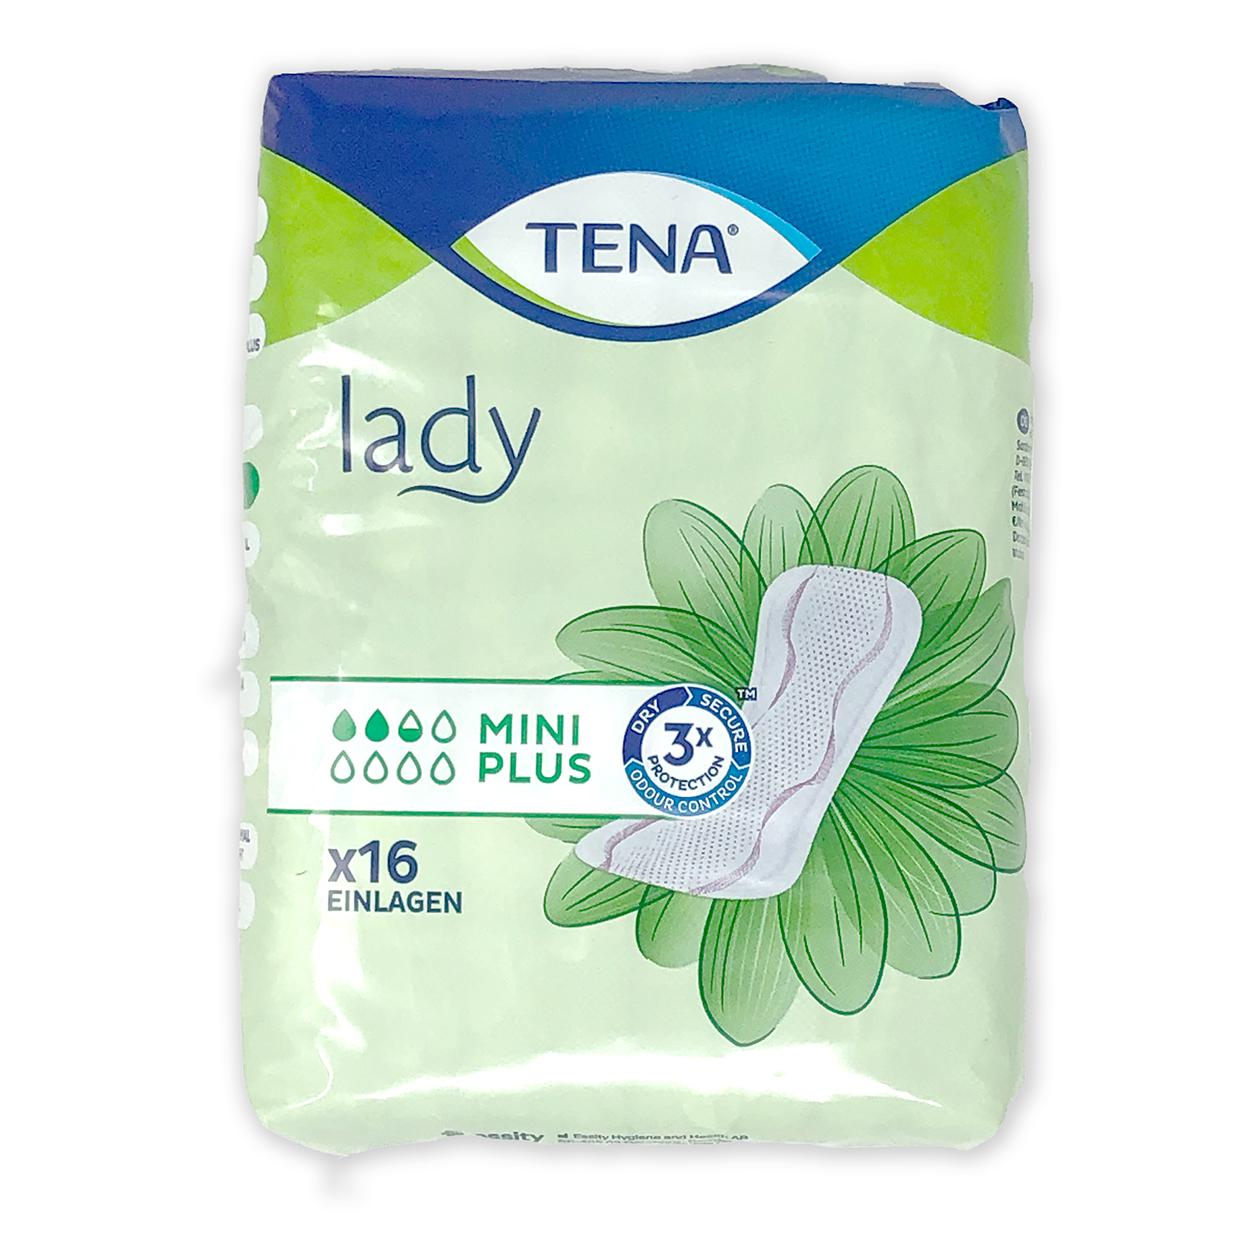 TENA LADY mini plus Einlagen - Packung à 16 Stück